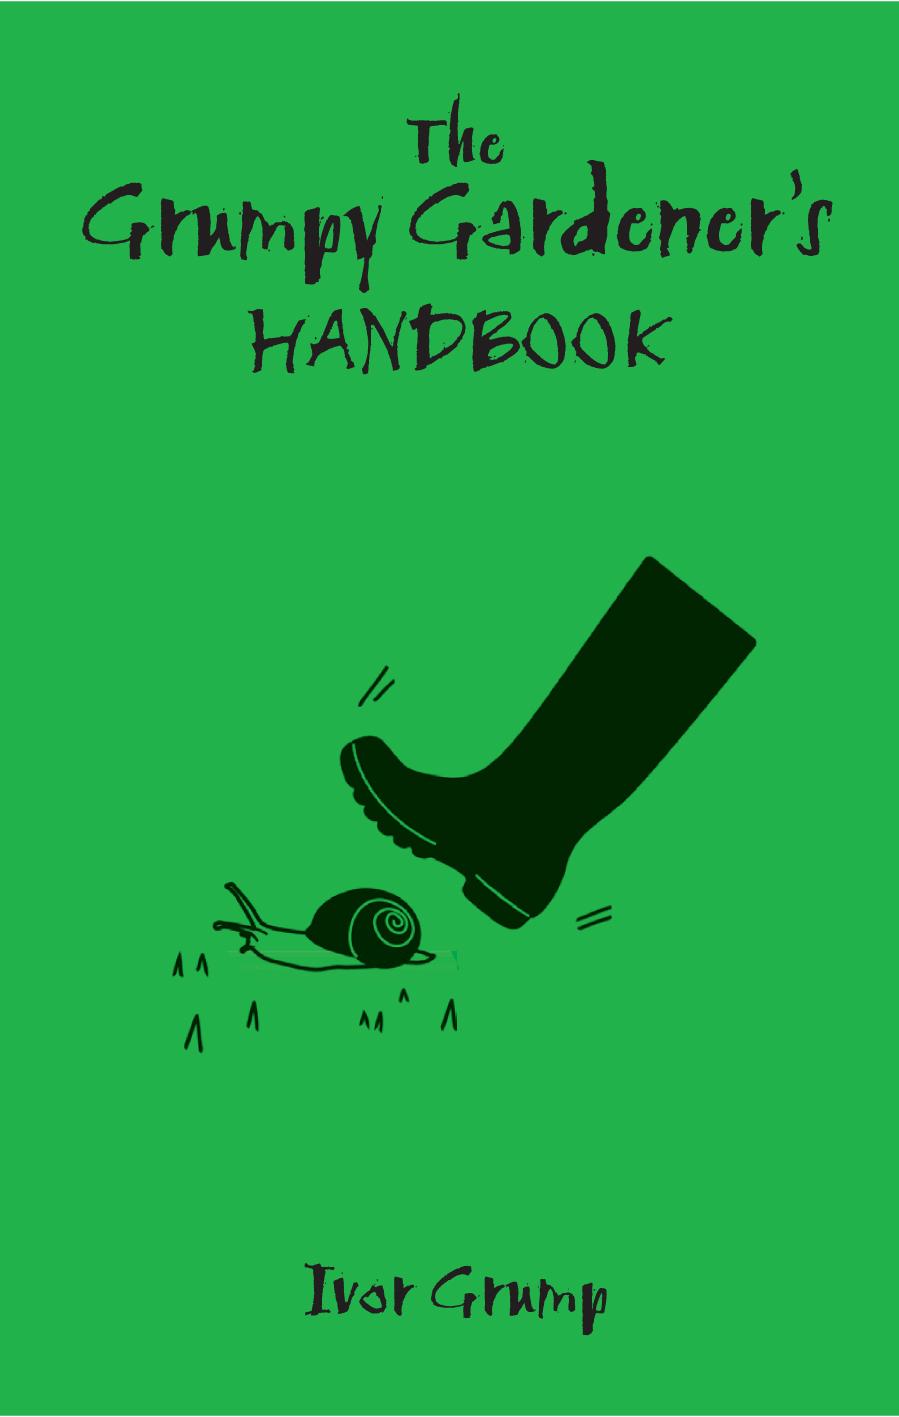 The Grumpy Gardener's Handbook